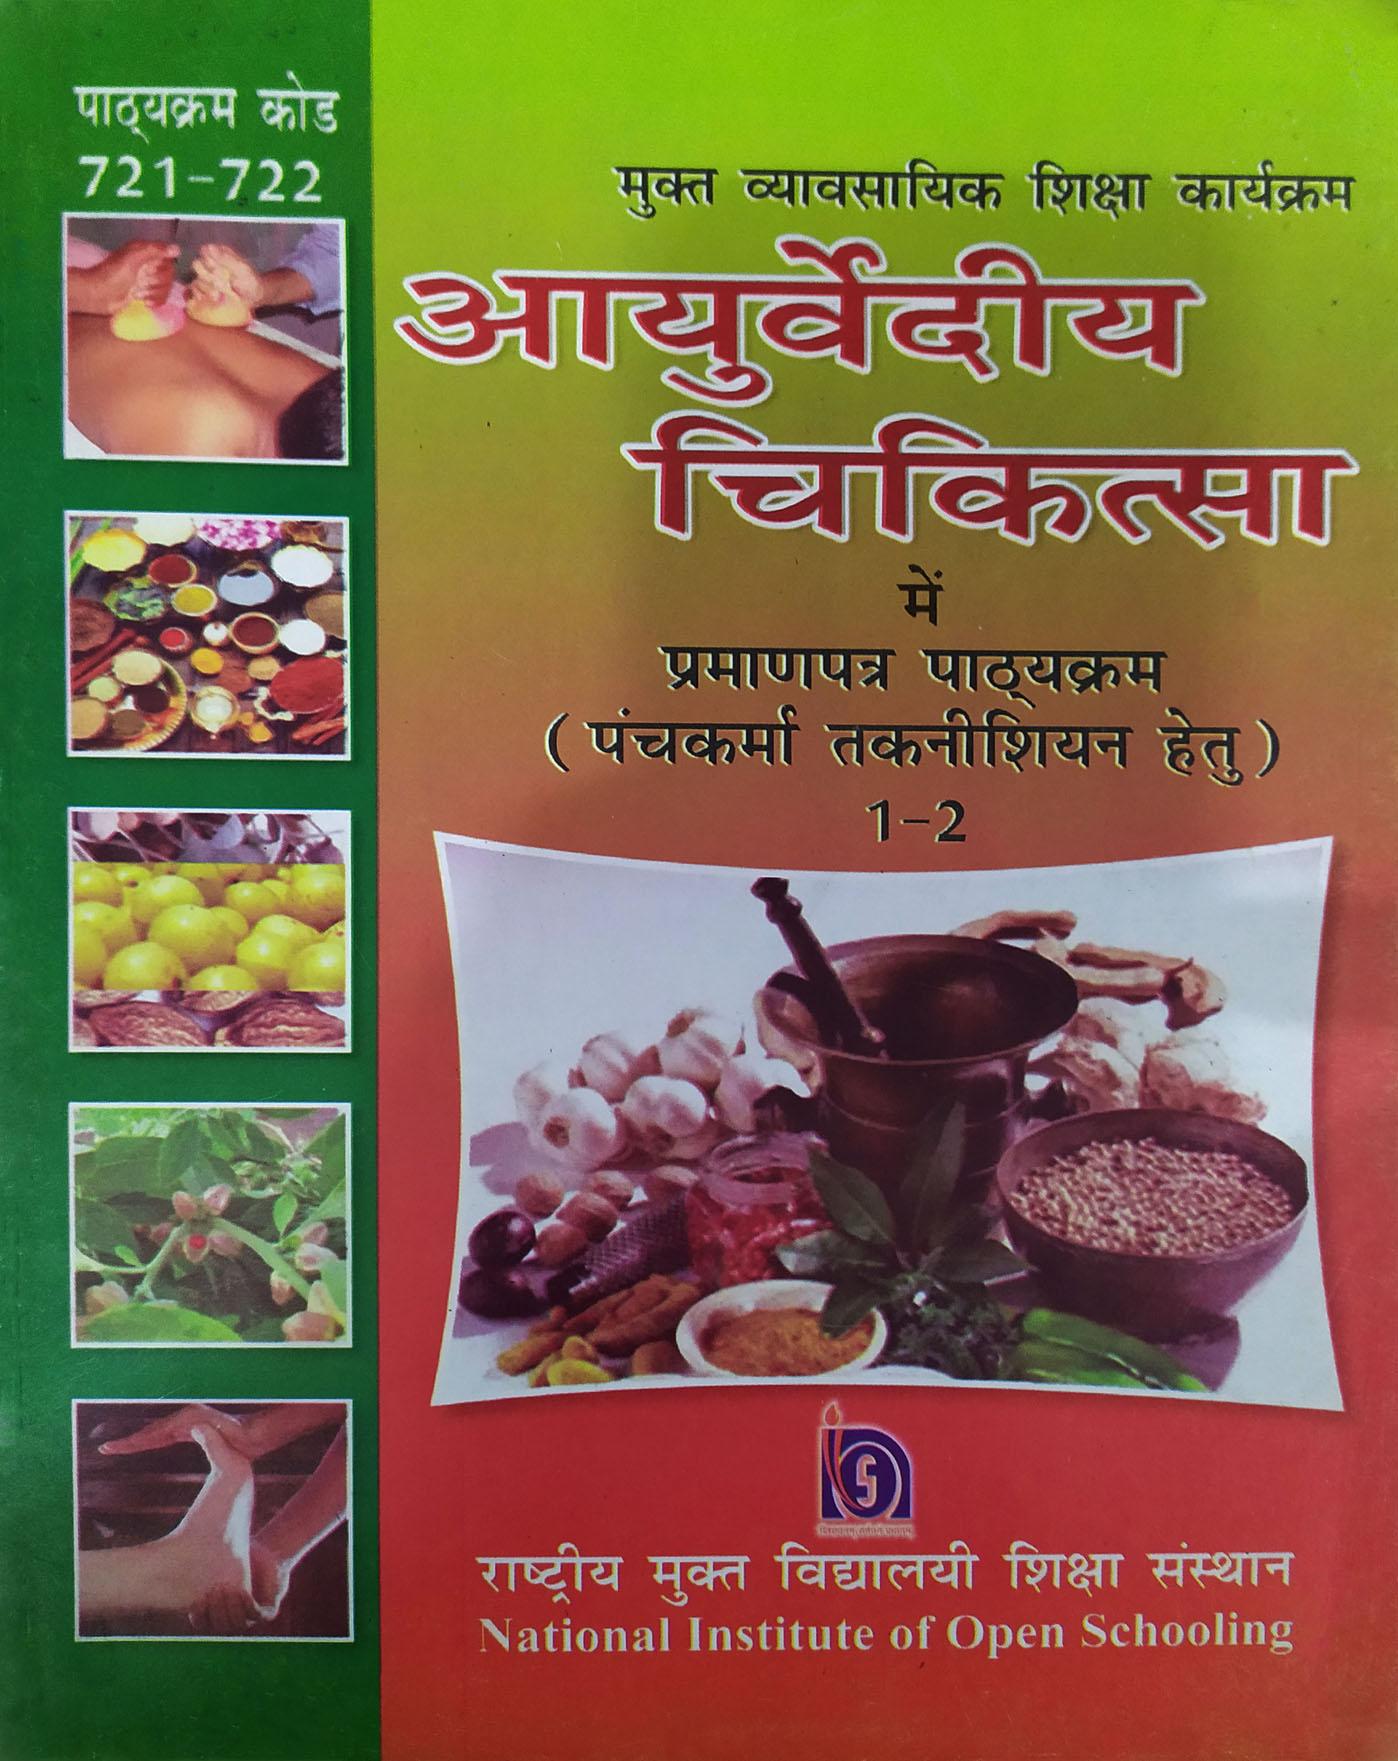 Theory Book (Hindi) - 721